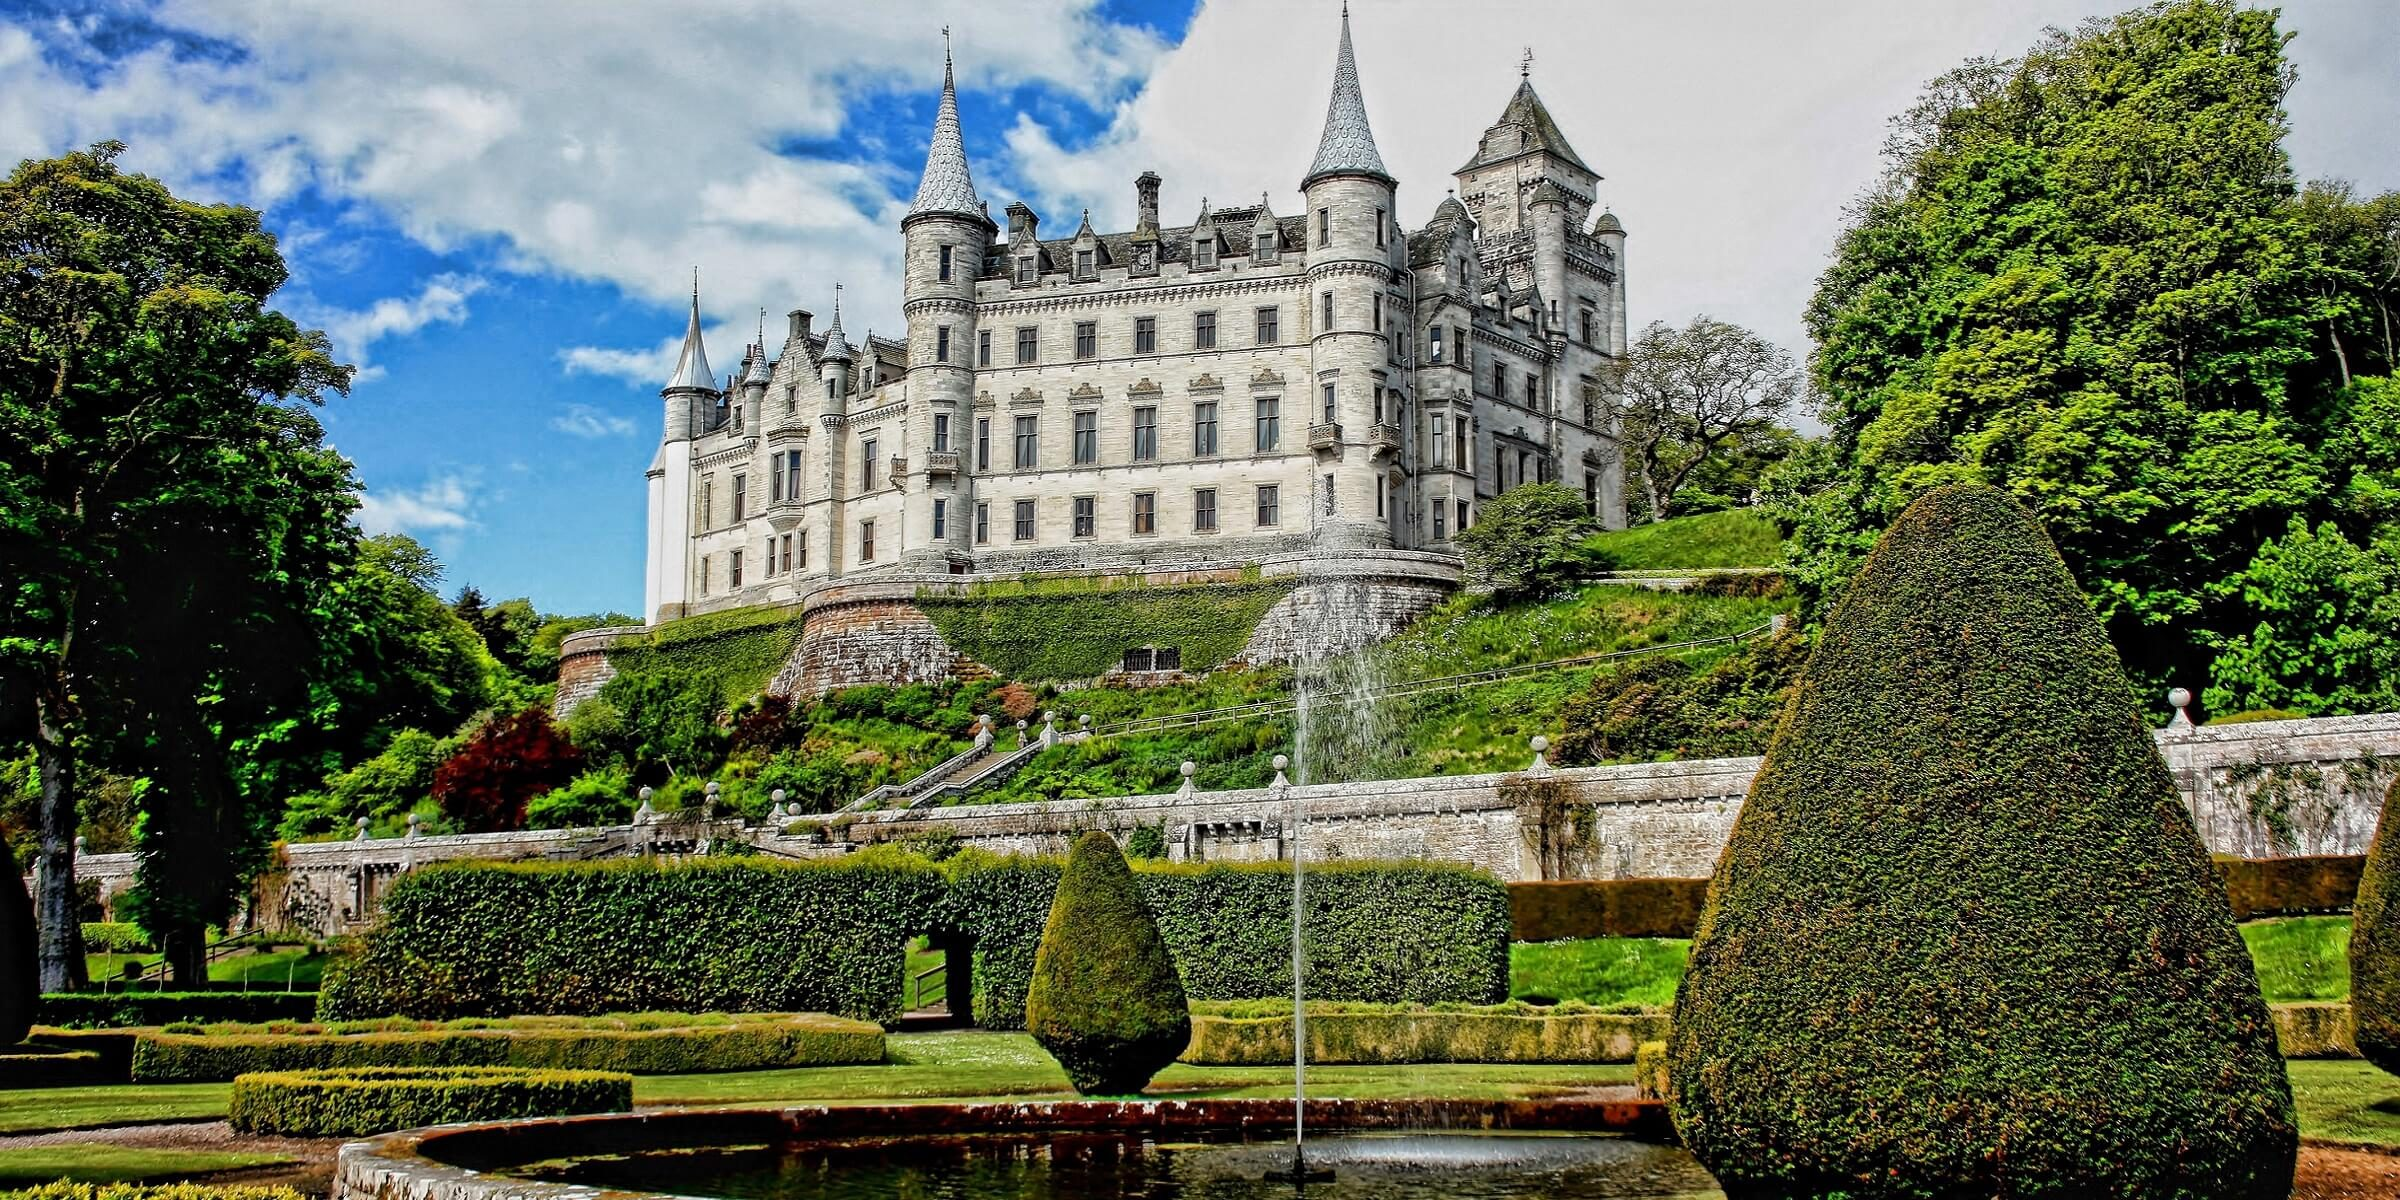 Eines der schönsten Schlösser in Schottland, ist das Dunrobin Schloss